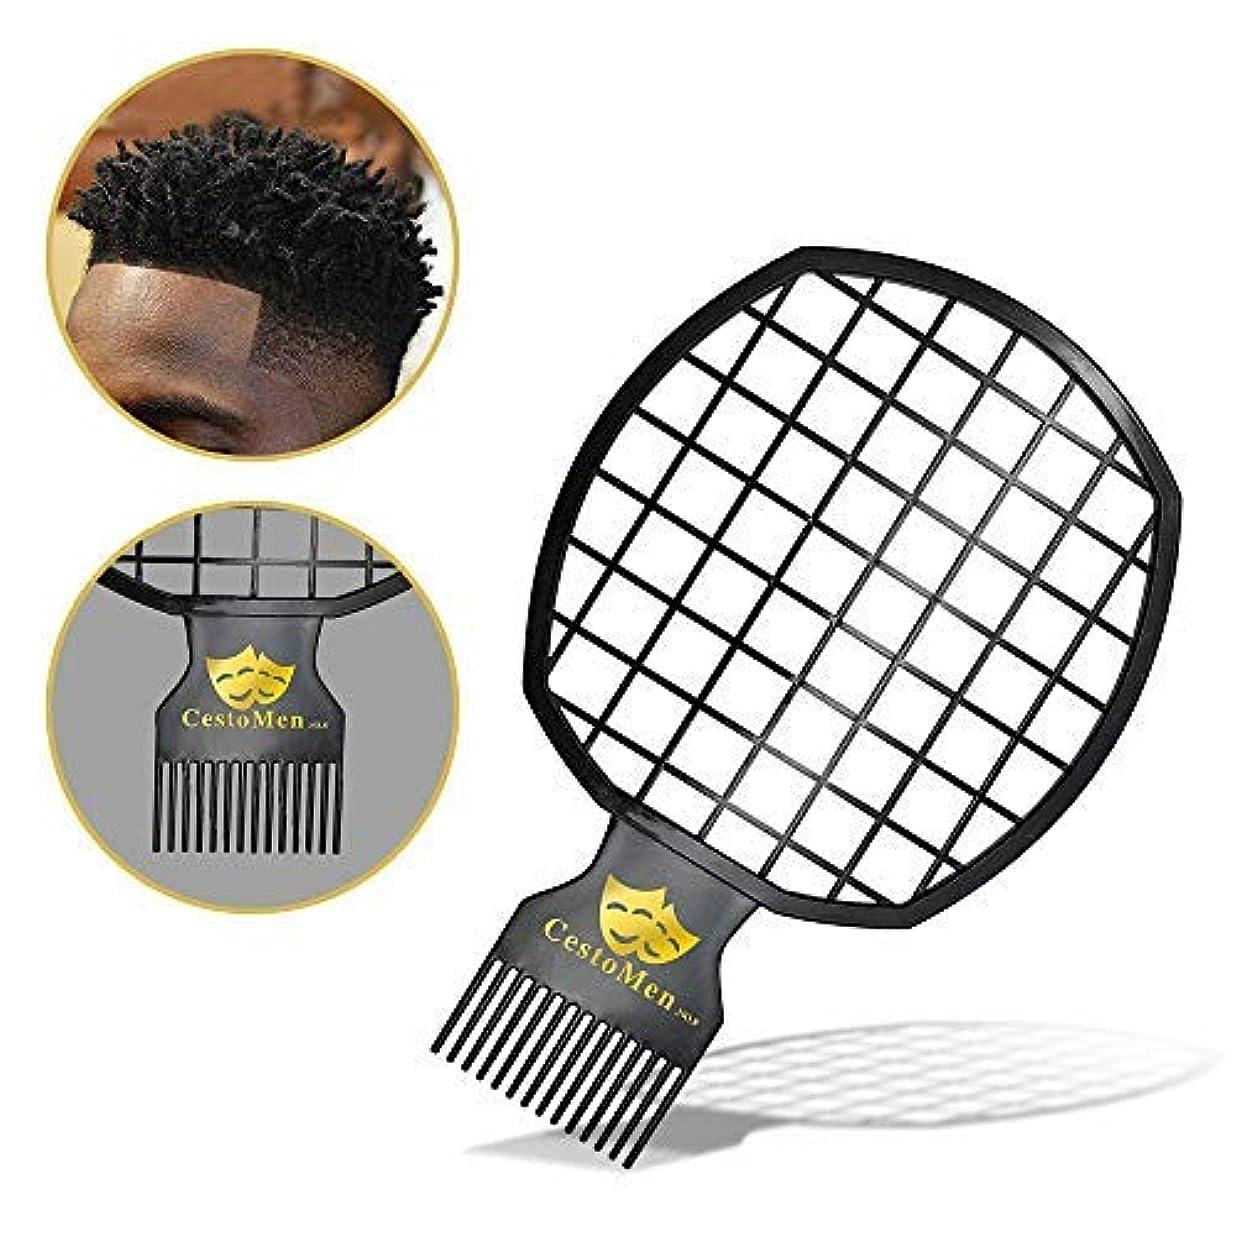 インチクラブ消えるMagic Twist Hair Coils Comb Tool, Afro Pick Hair Curl Sponge Brush (Black) [並行輸入品]